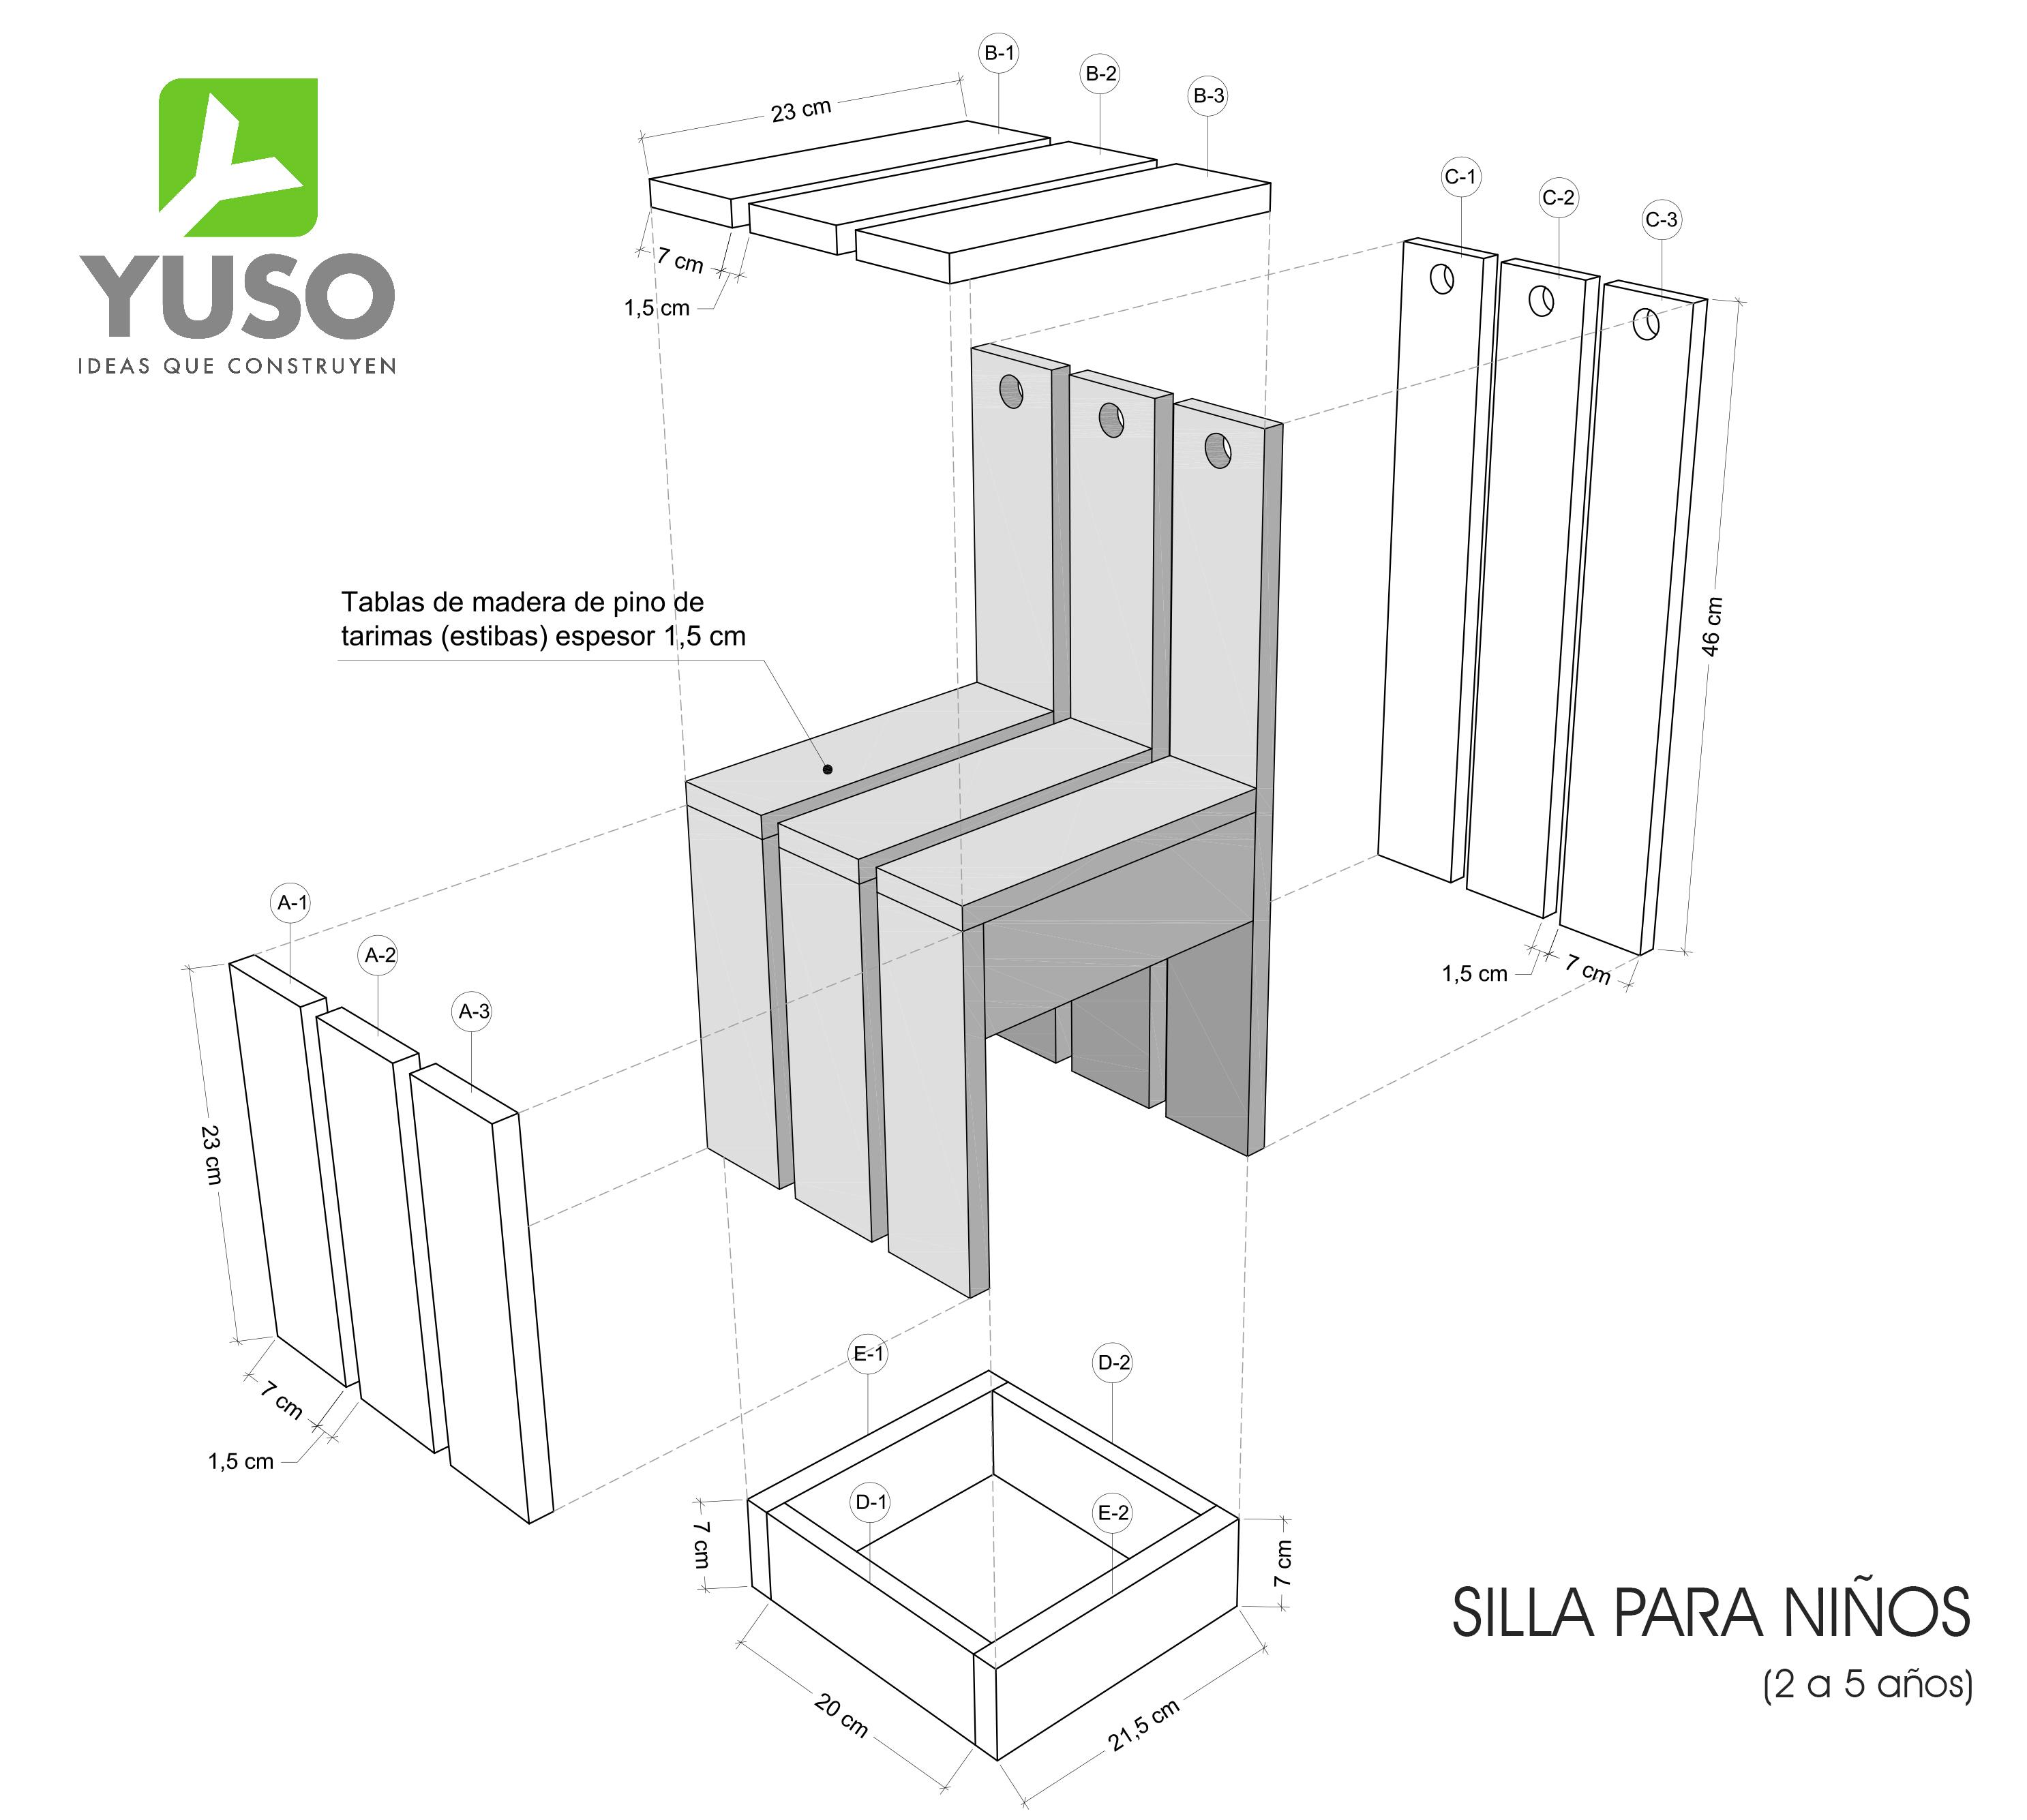 sillas de madera para ni os planos images